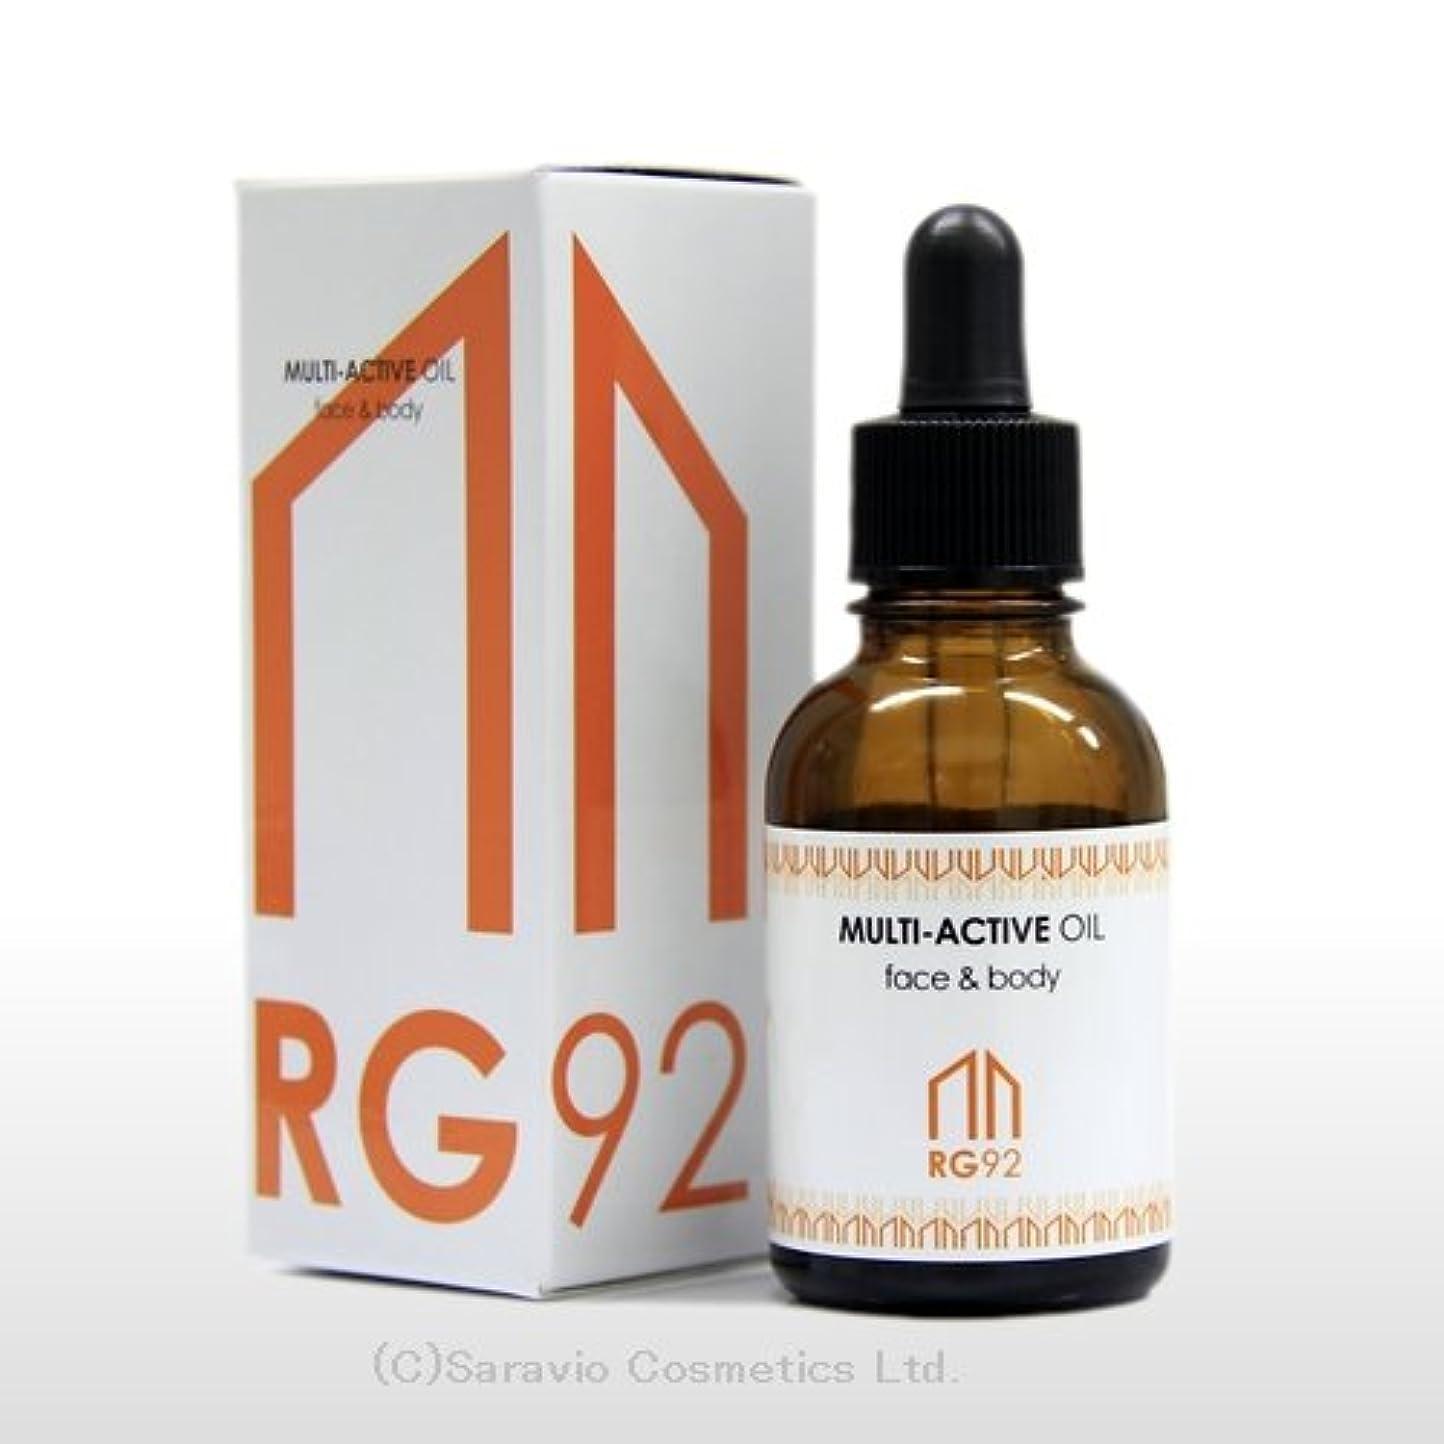 発火する悪用優しいRG92マルチアクティブオイル